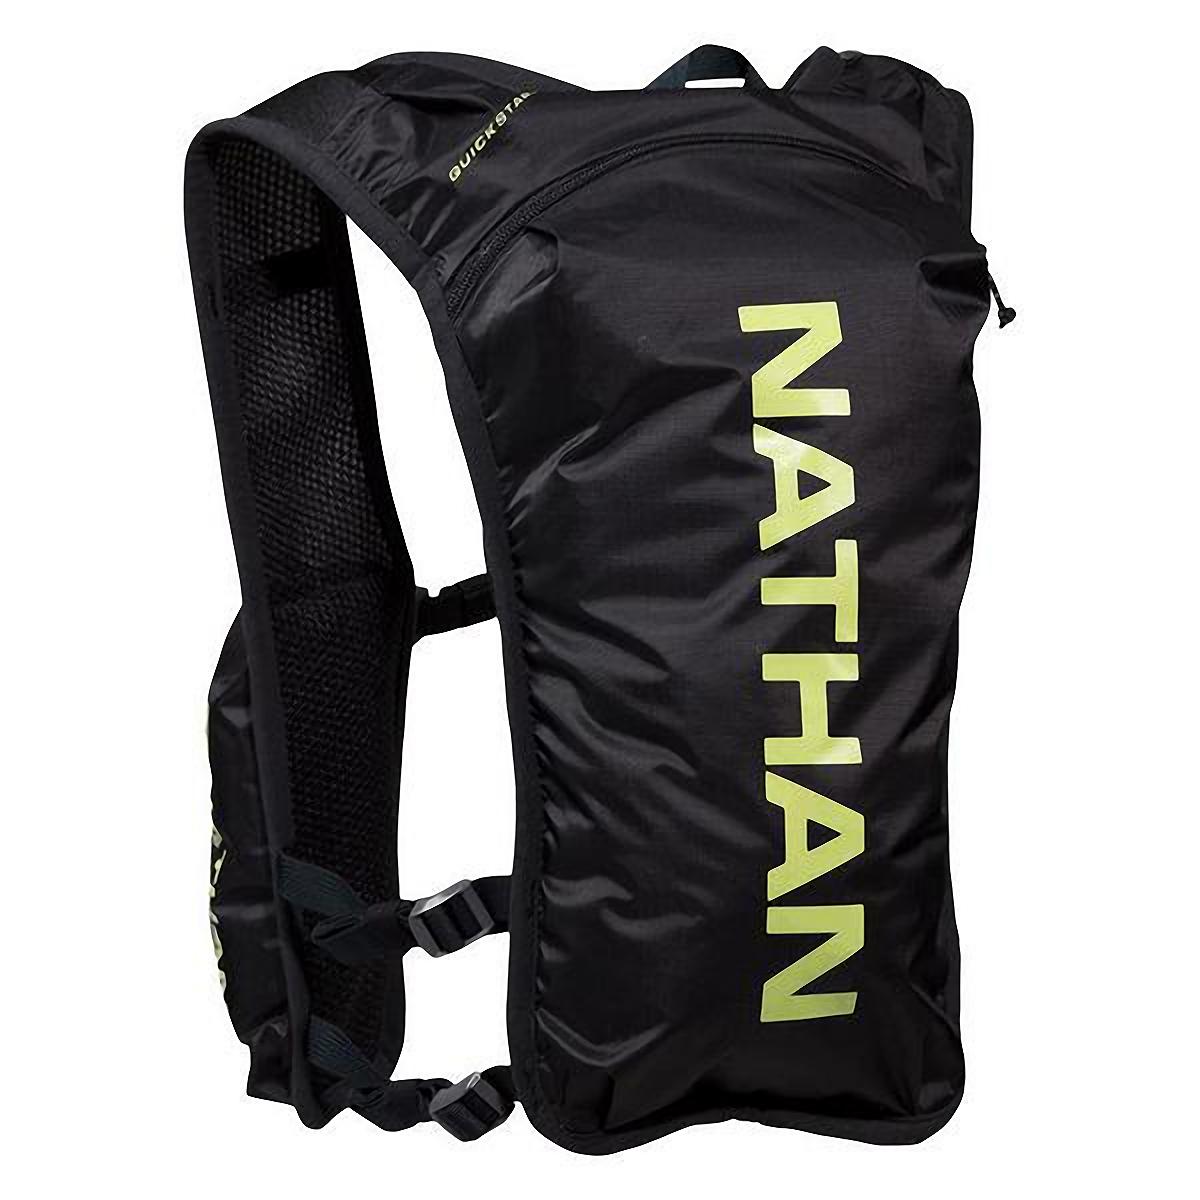 Nathan Quickstart 4 Liter Race Pack - Color: Black - Size: One Size, Black, large, image 2